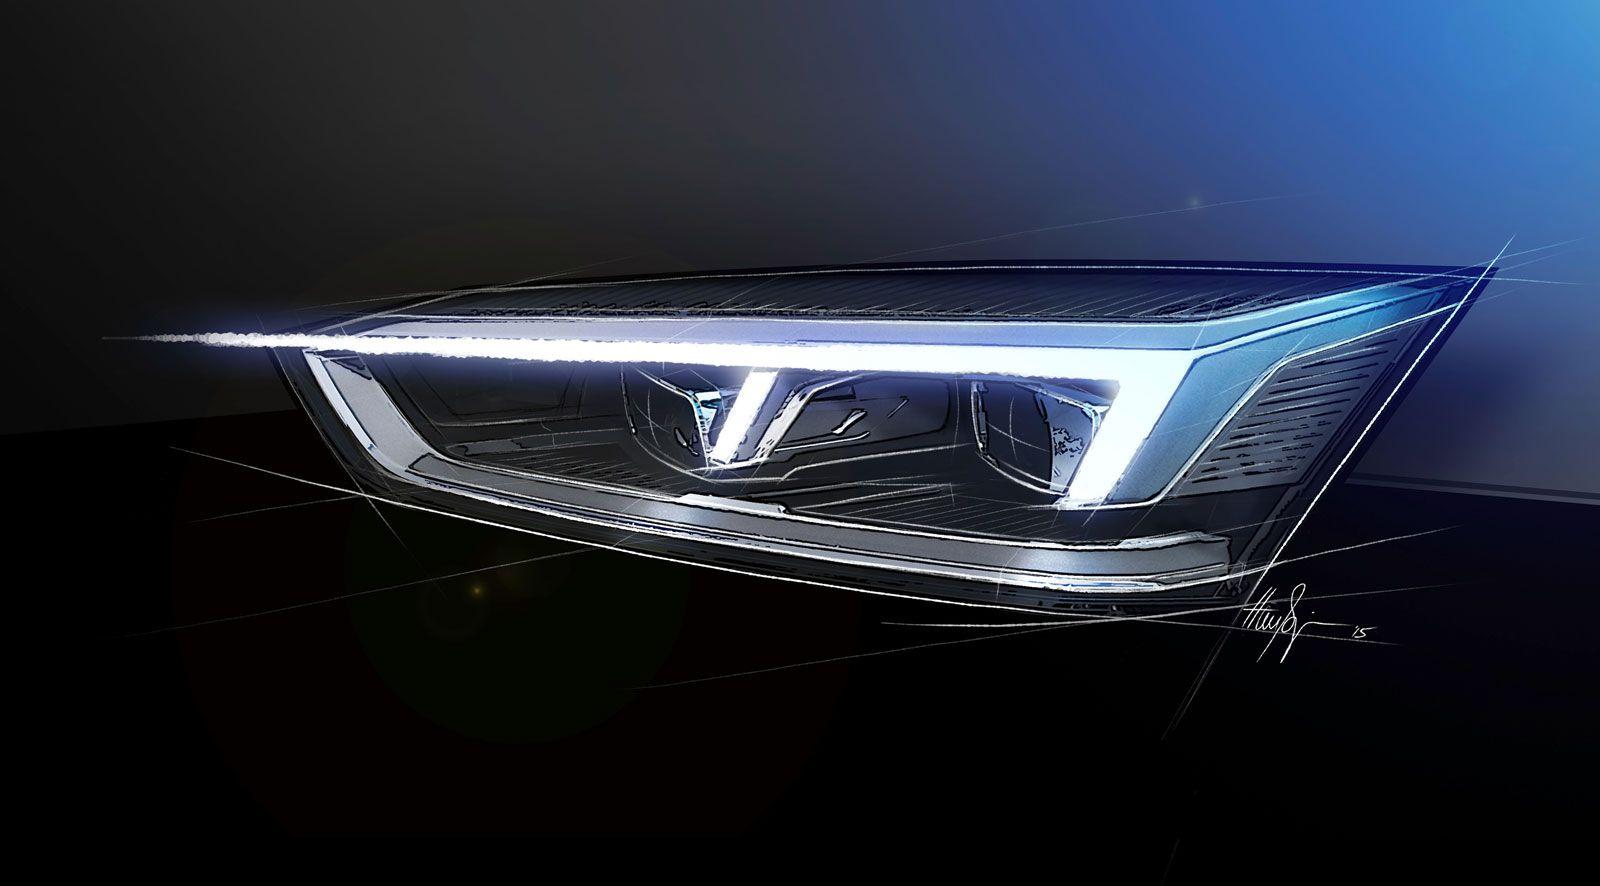 Audi A5 Coupe Headlight Design Sketch Render Headlamp Design